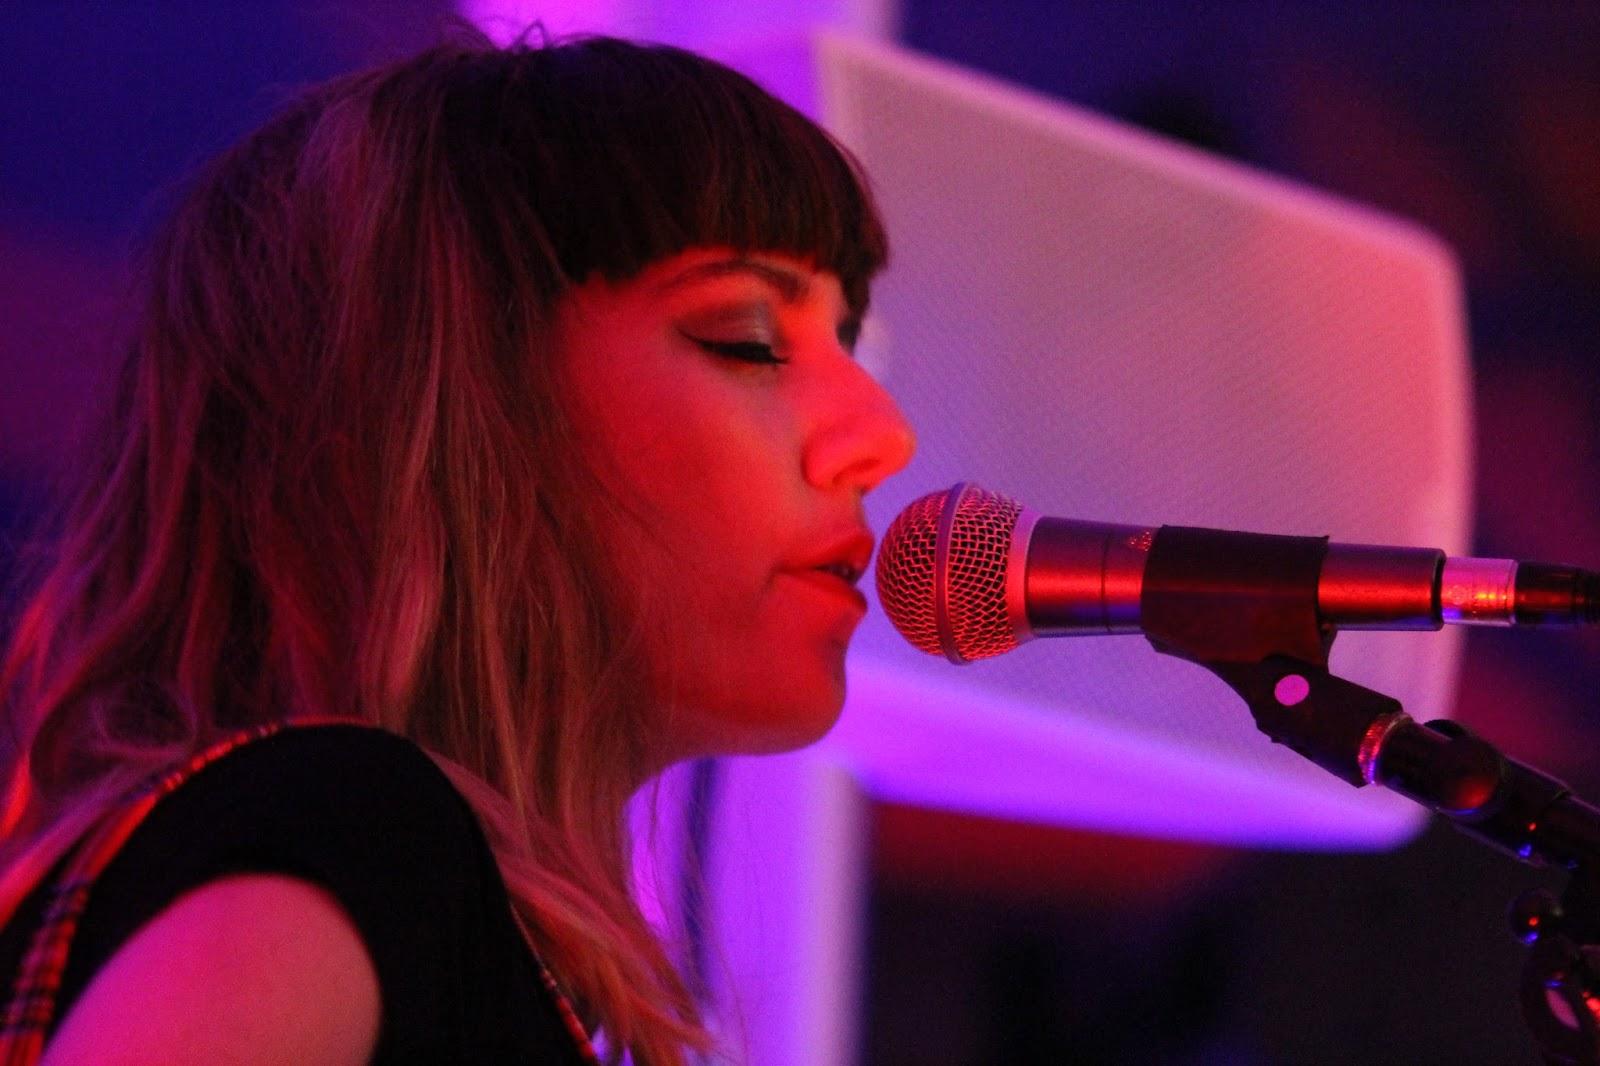 Die Tuts Haben Bisher Nur Eine Handvoll Digitaler Und Zwei 7 Singles Verffentlicht Obwohl Band Seit 2011 Besteht Sie Ganze Reihe Songs Hat